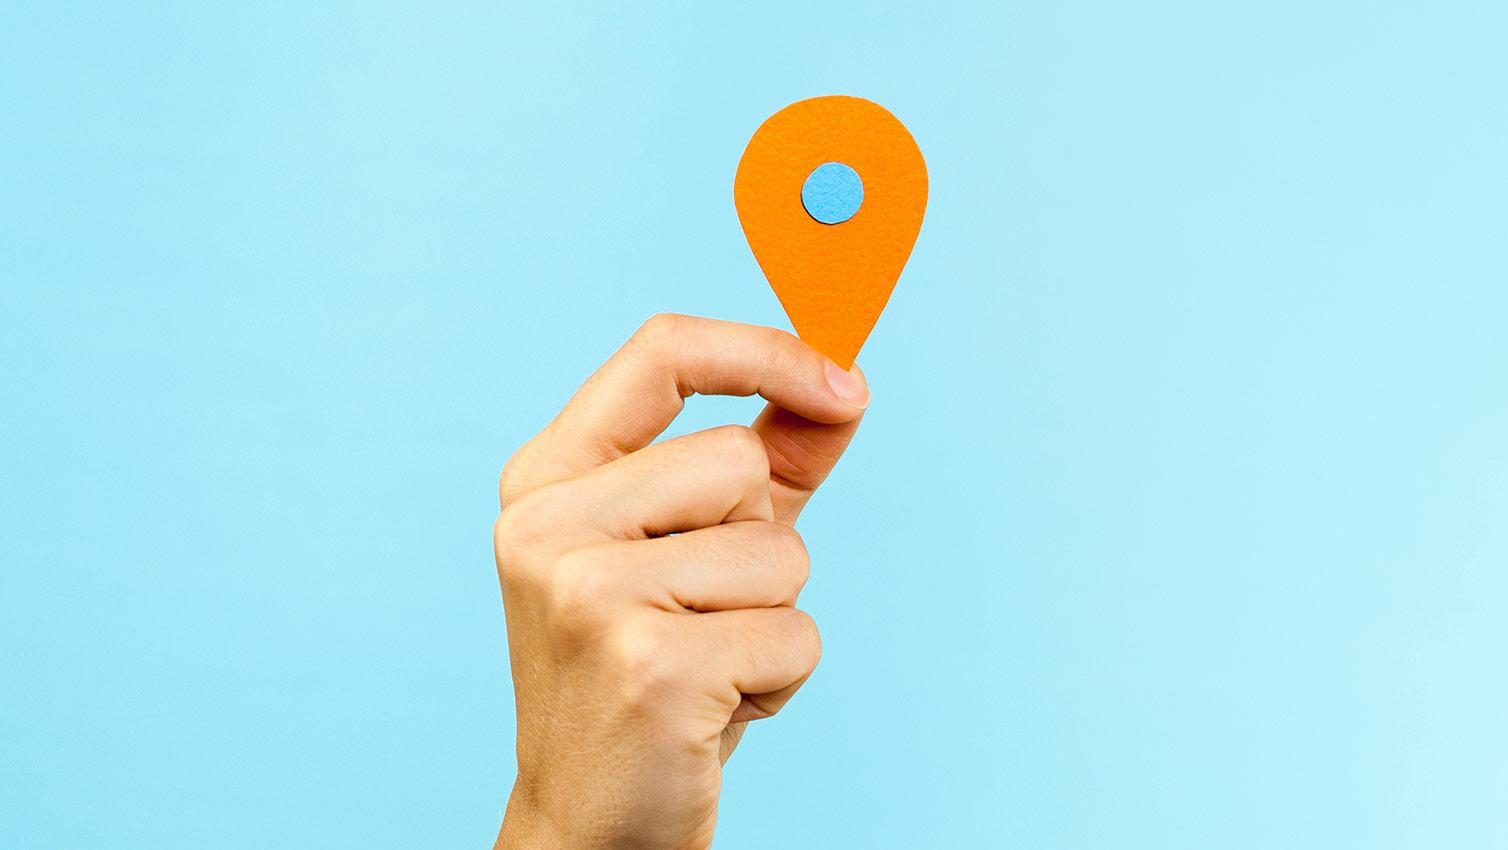 Obtener la localización actual del usuario con jQuery